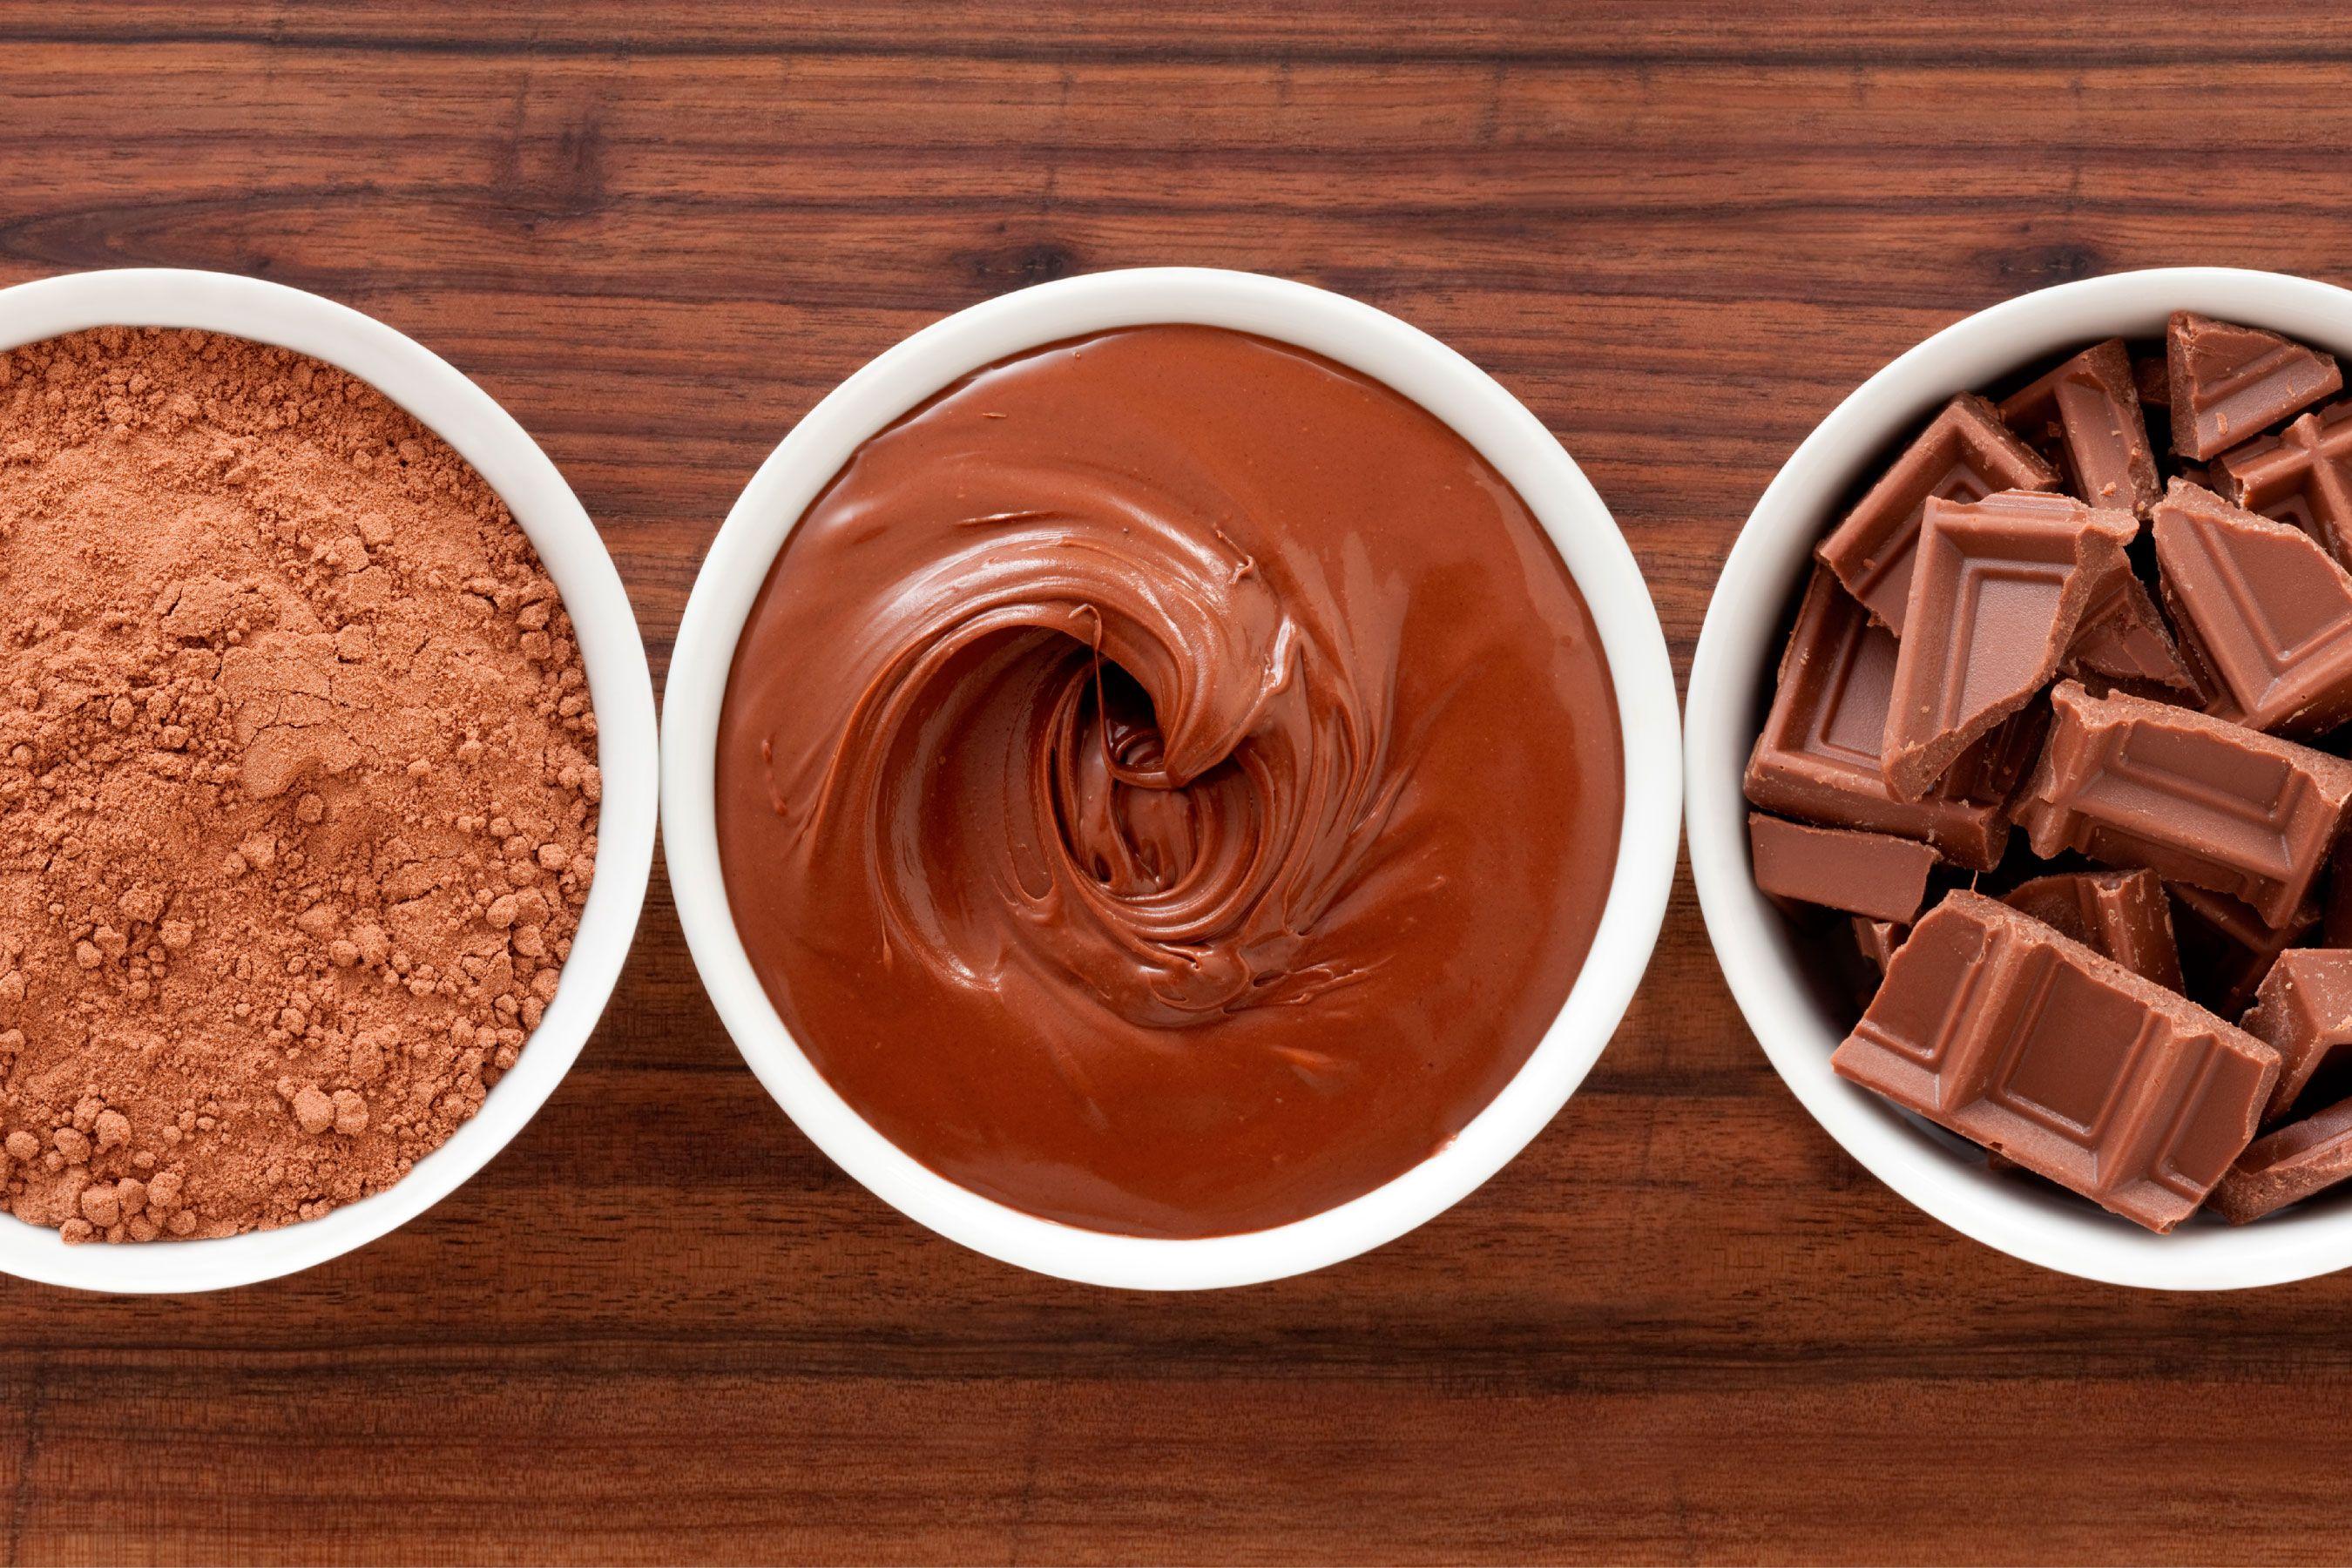 Milk Chocolate Day In 2020 Chocolate Day Chocolate Milk Food